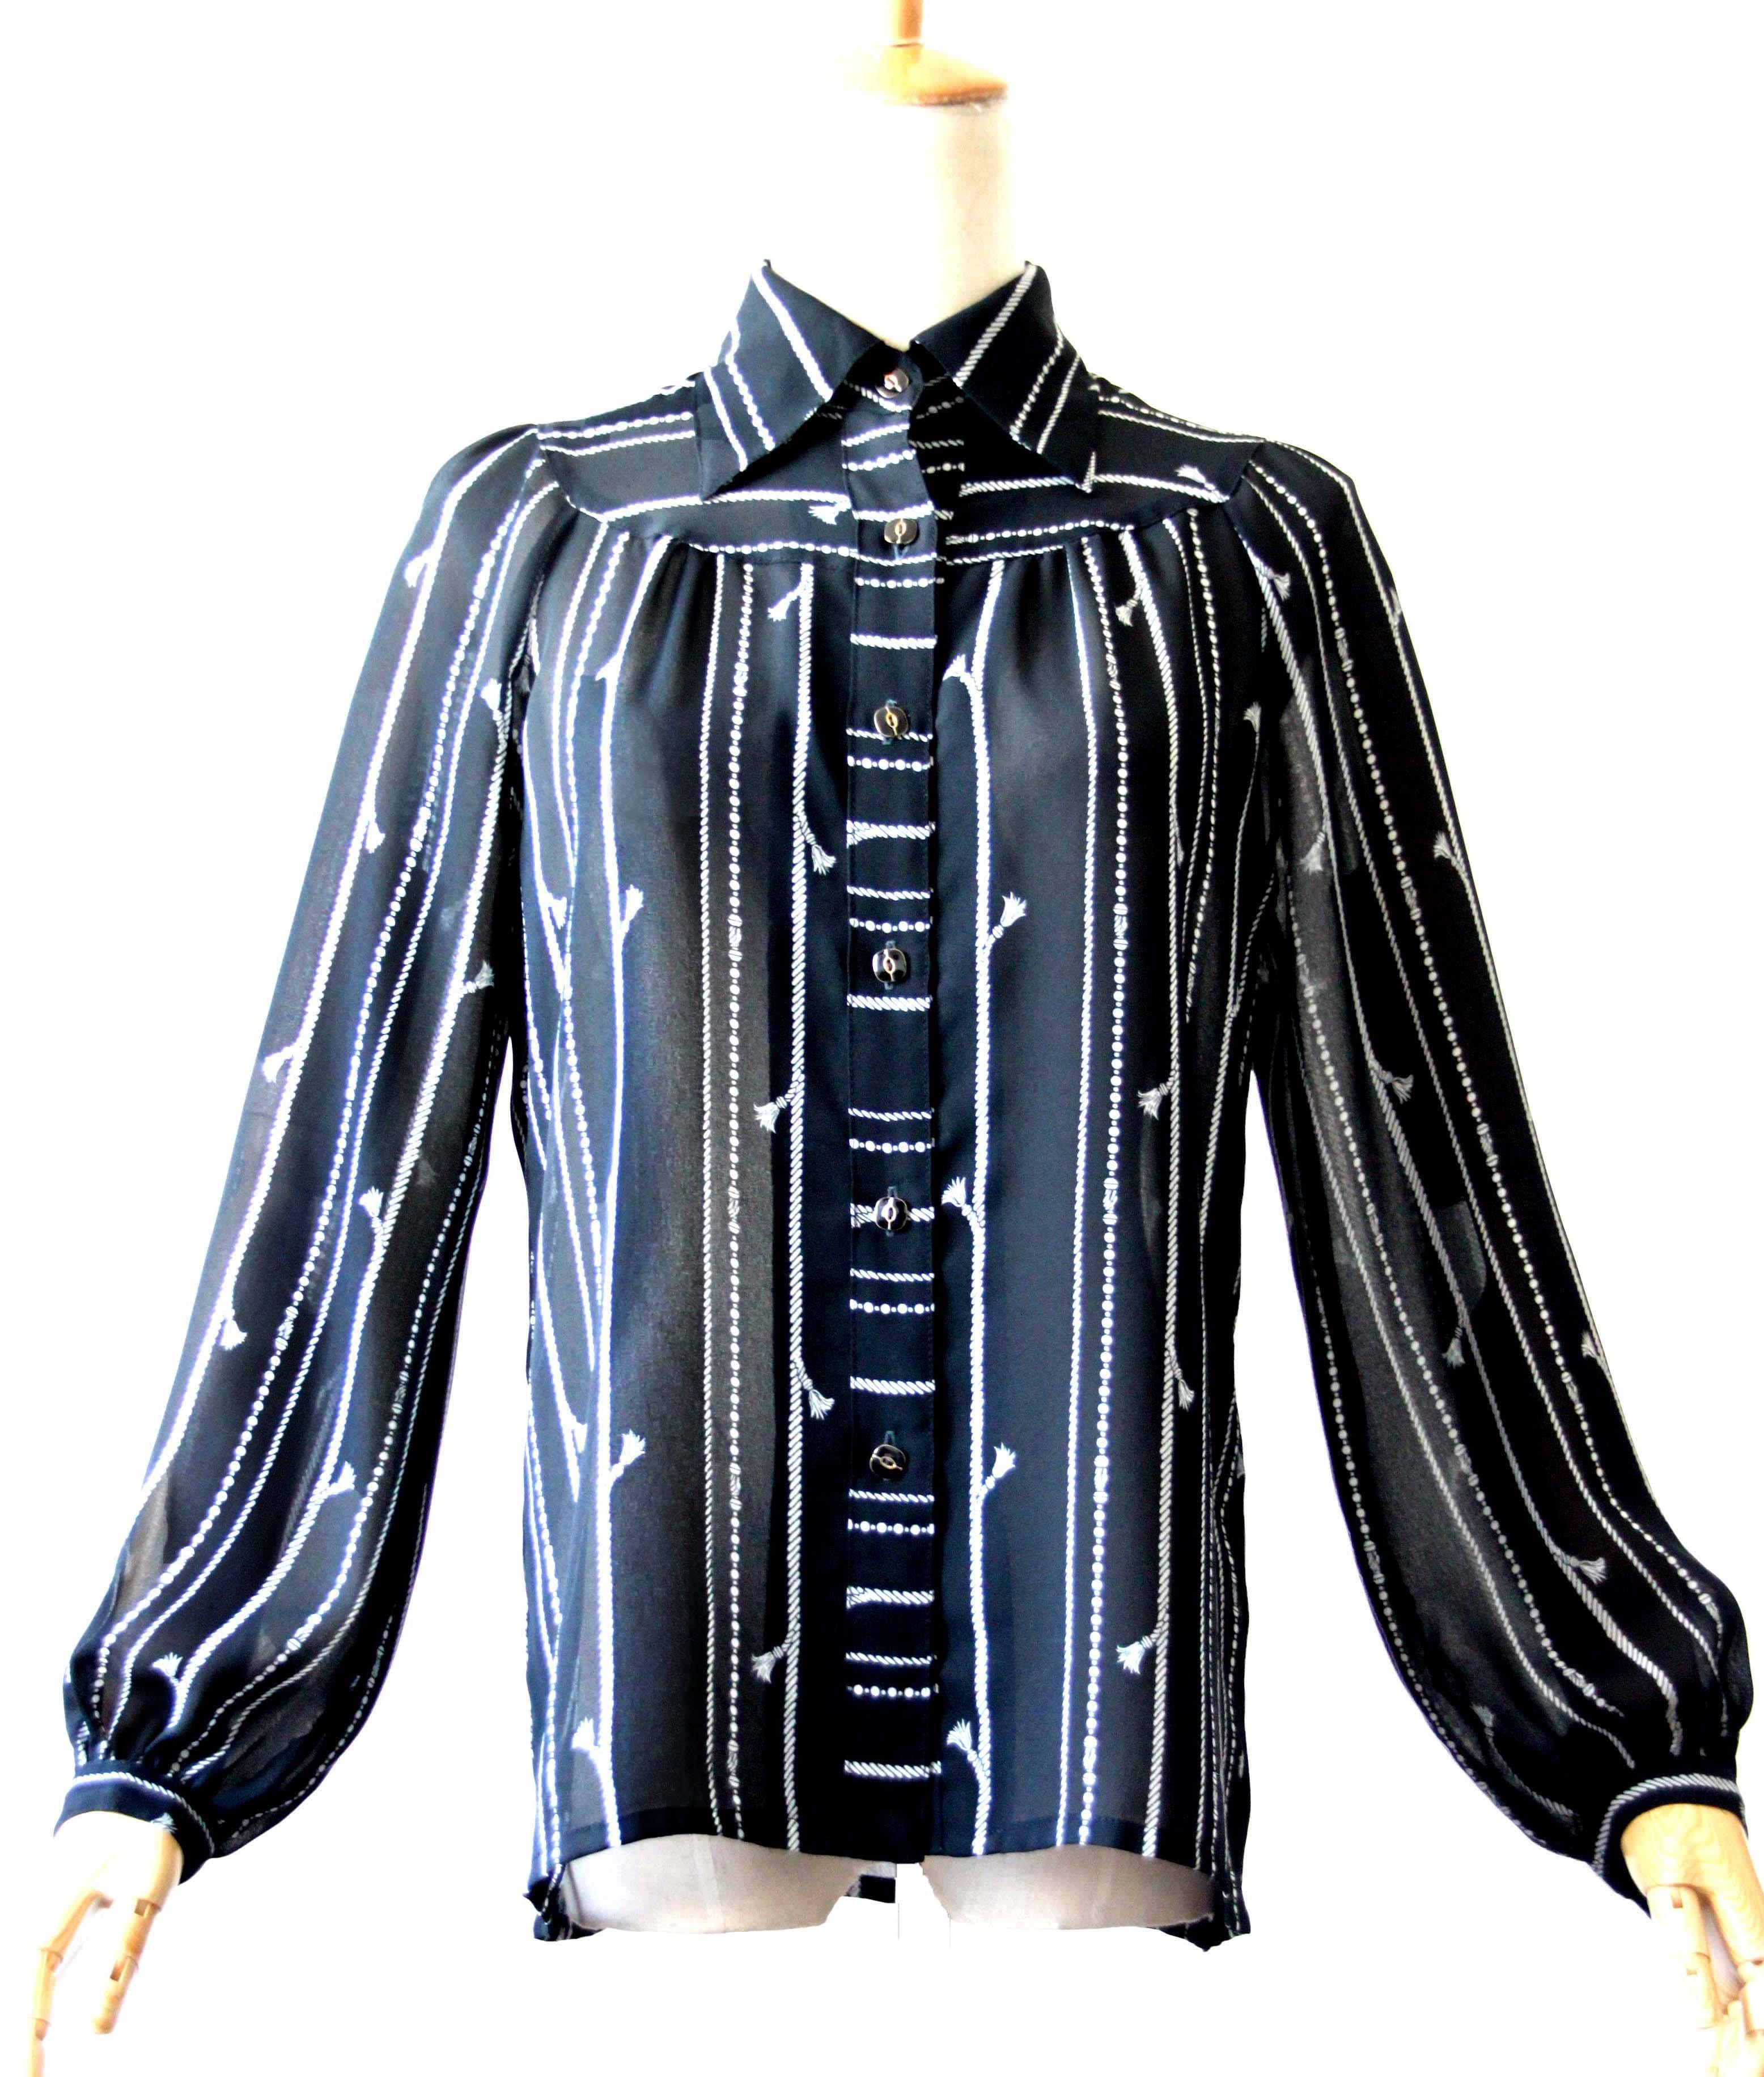 女士长袖雪纺衫 vintage古着 文艺气质小链条黑色雪纺长袖通透推荐女士衬衫复古_推荐淘宝好看的女士长袖雪纺衫